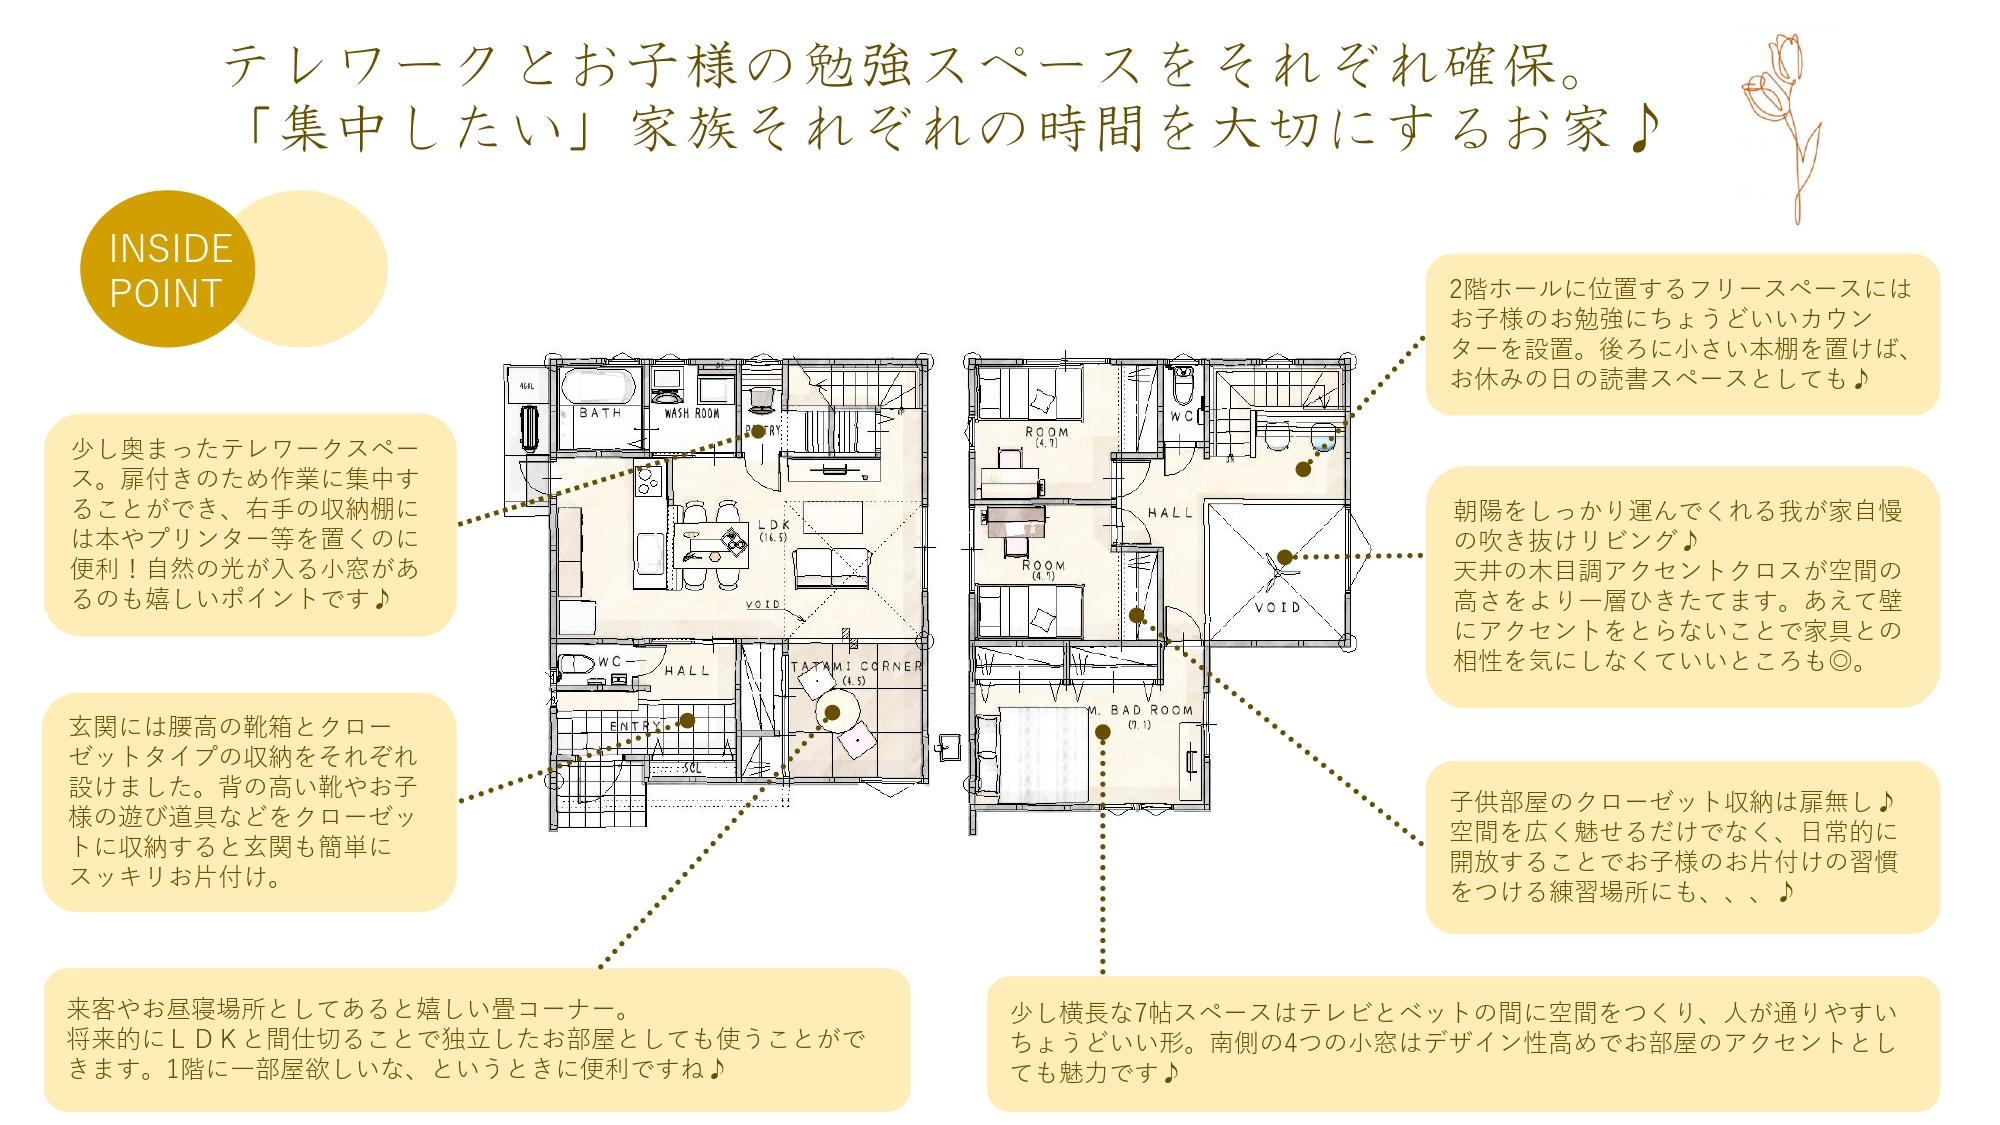 佐賀市新築建売住宅「OURS神園2号地」INSIDE POINT